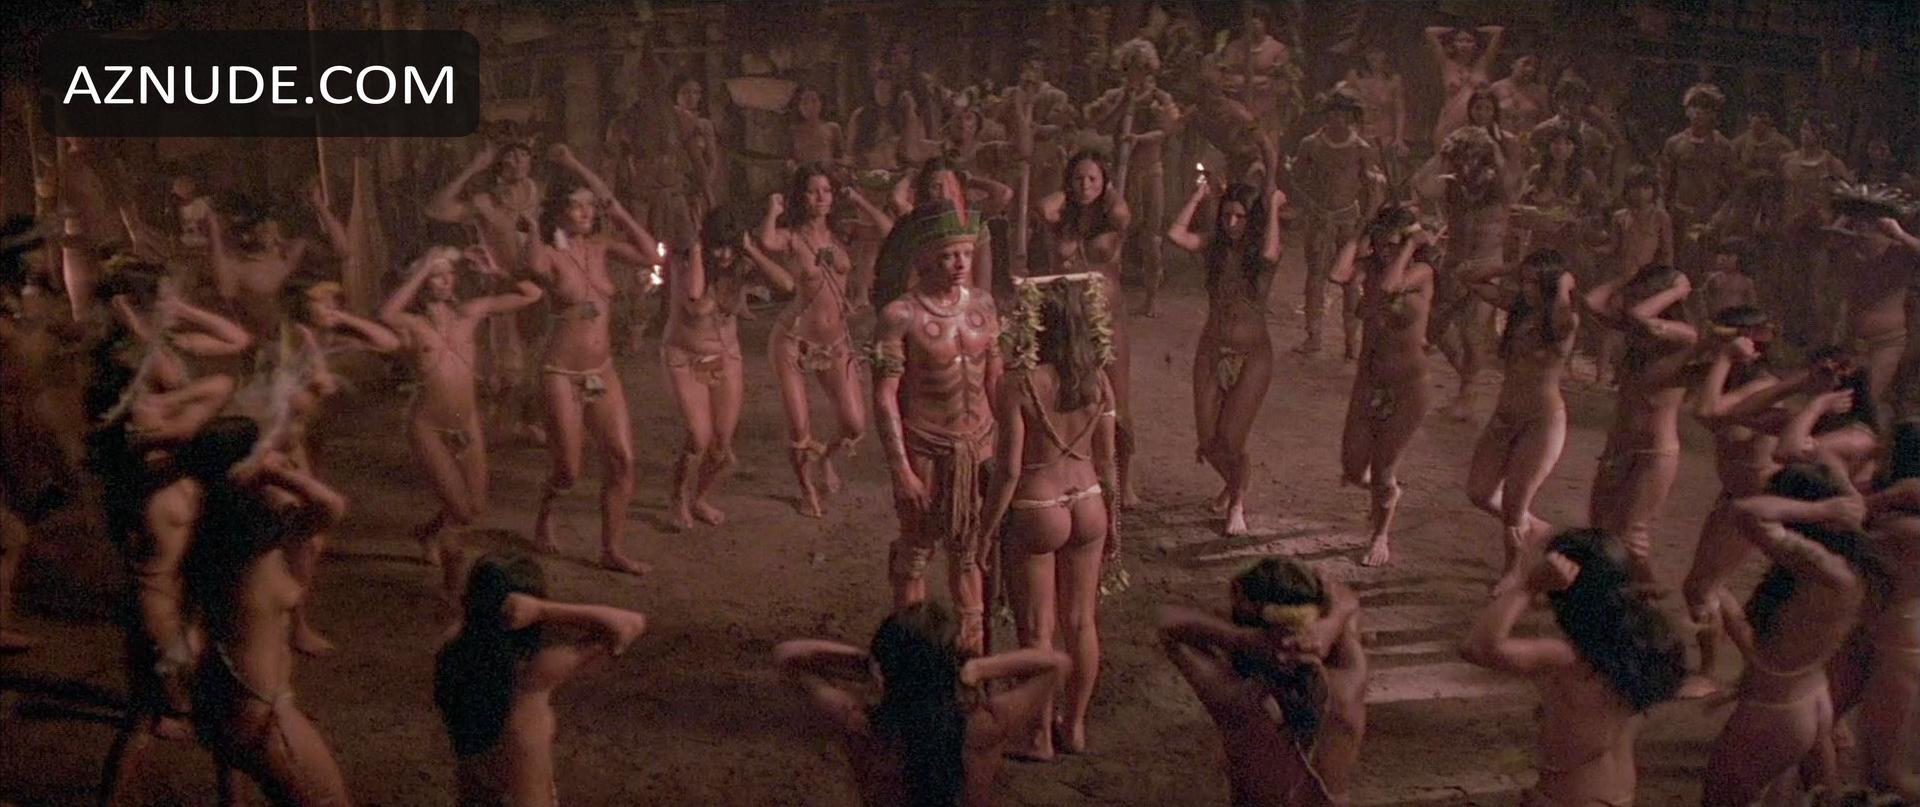 selena gomez wet pussy naked